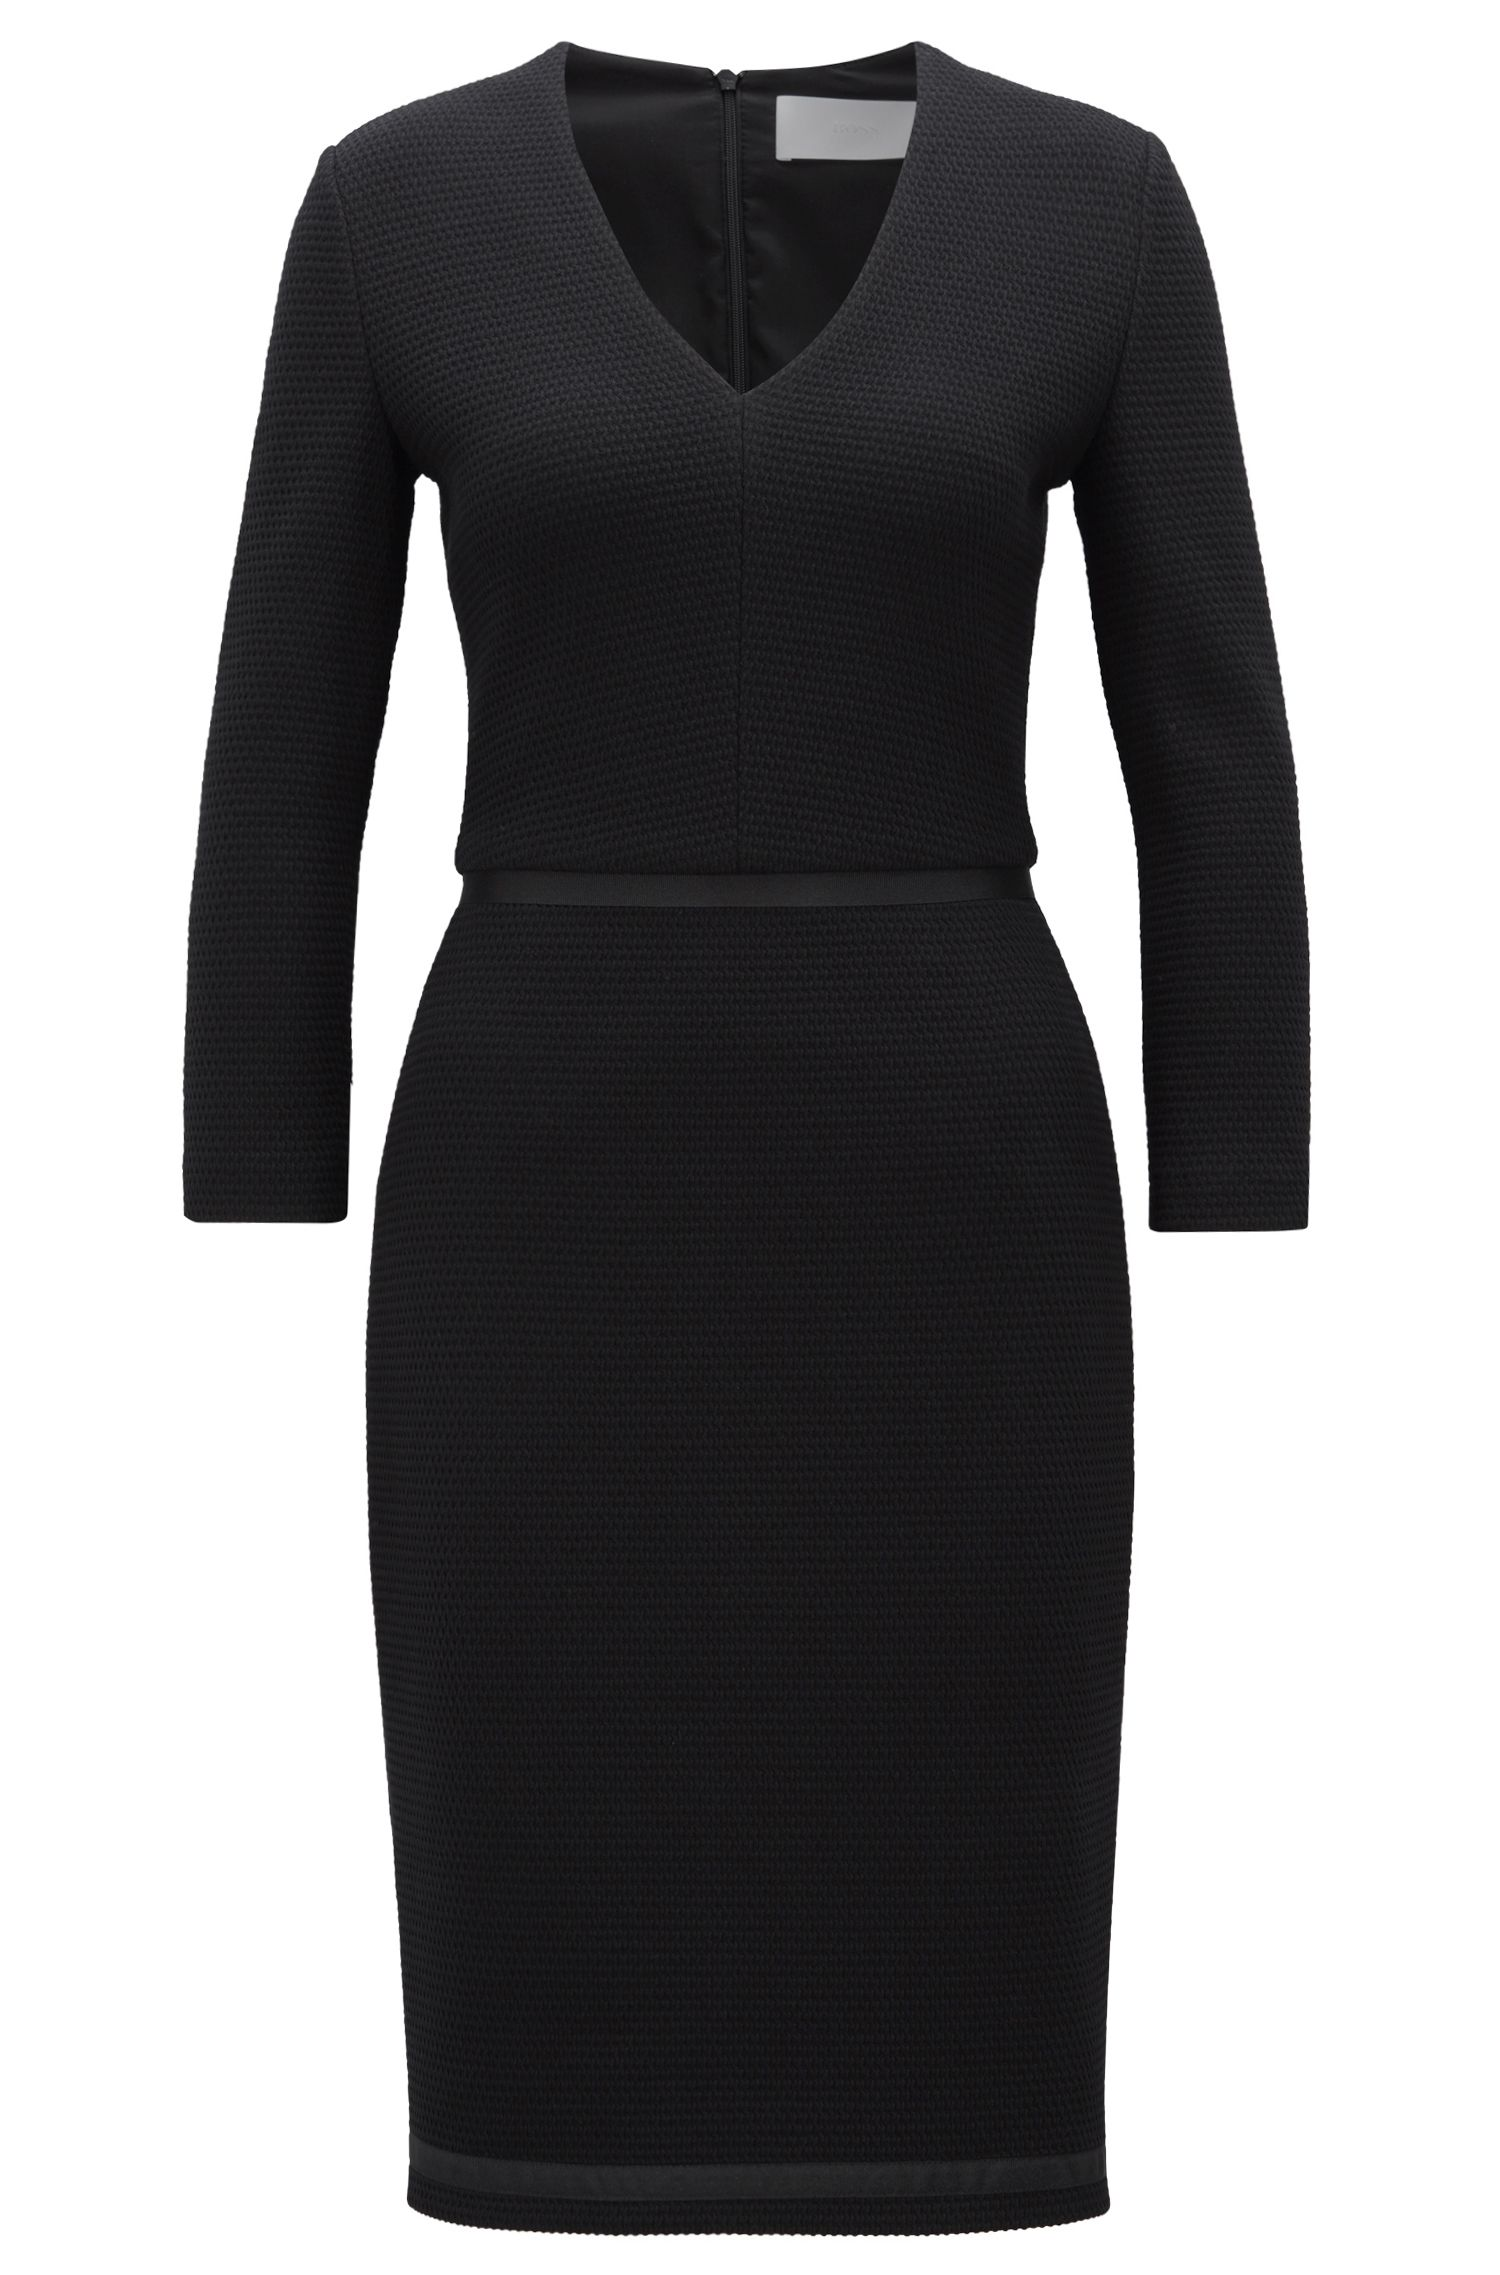 Robe droite à col V en jersey structuré, ornée de rubans, Noir